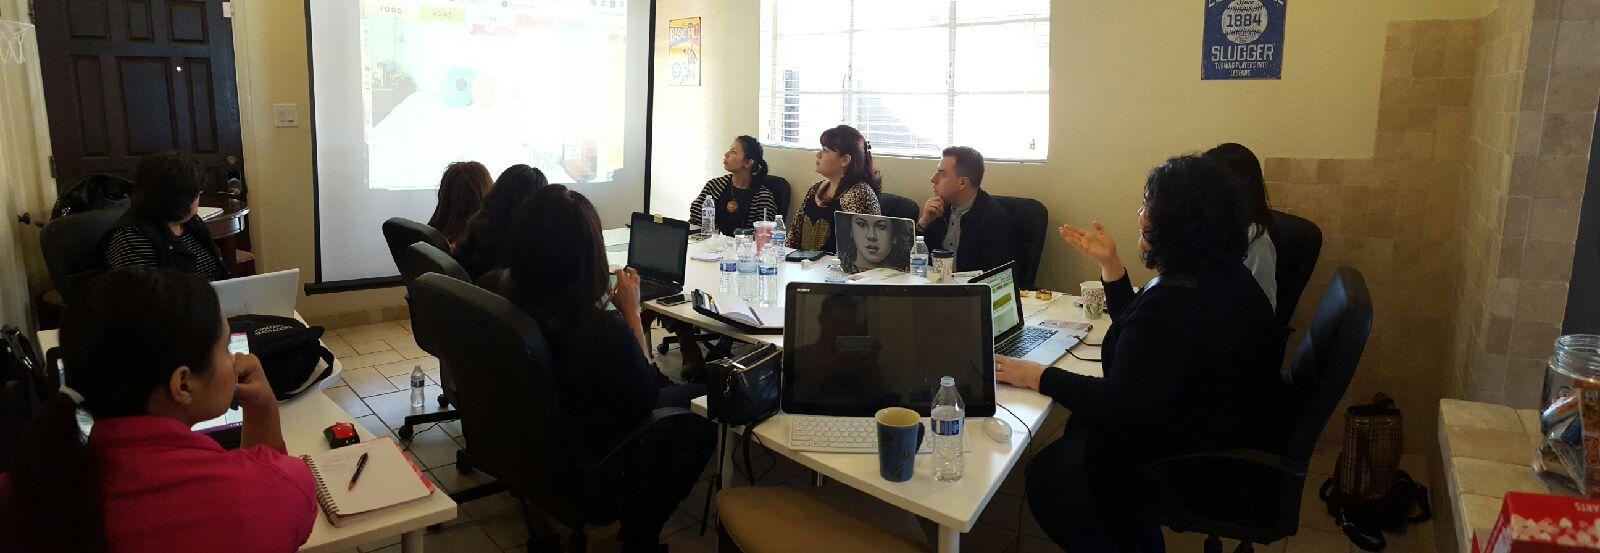 phx-latino-bloggers-3